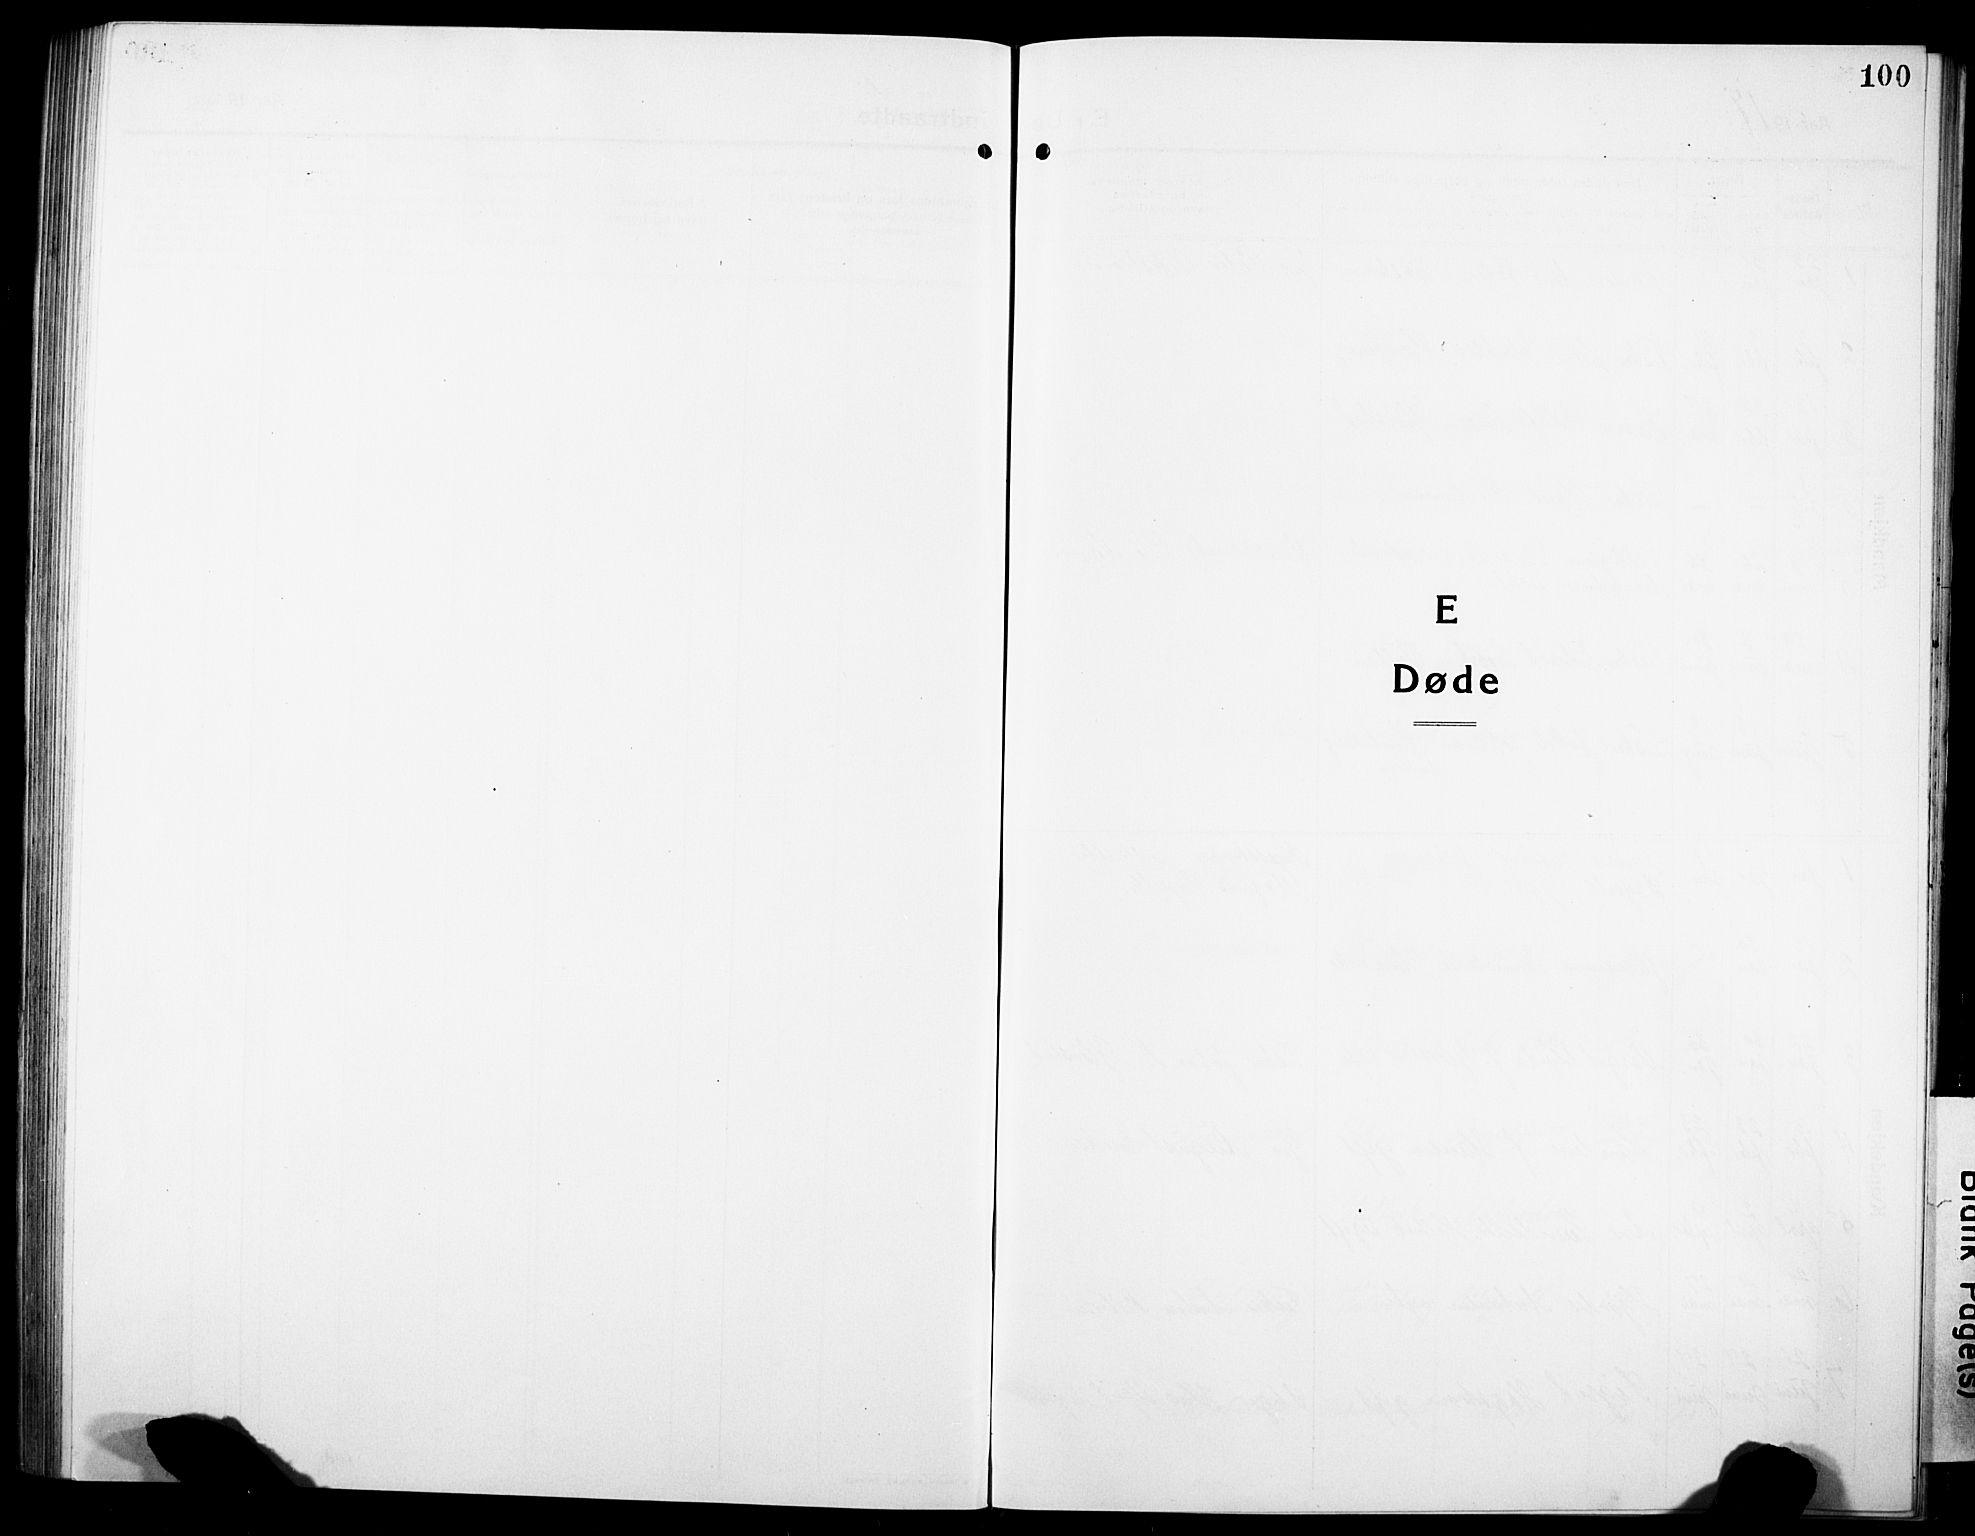 SAT, Ministerialprotokoller, klokkerbøker og fødselsregistre - Sør-Trøndelag, 634/L0543: Klokkerbok nr. 634C05, 1917-1928, s. 100